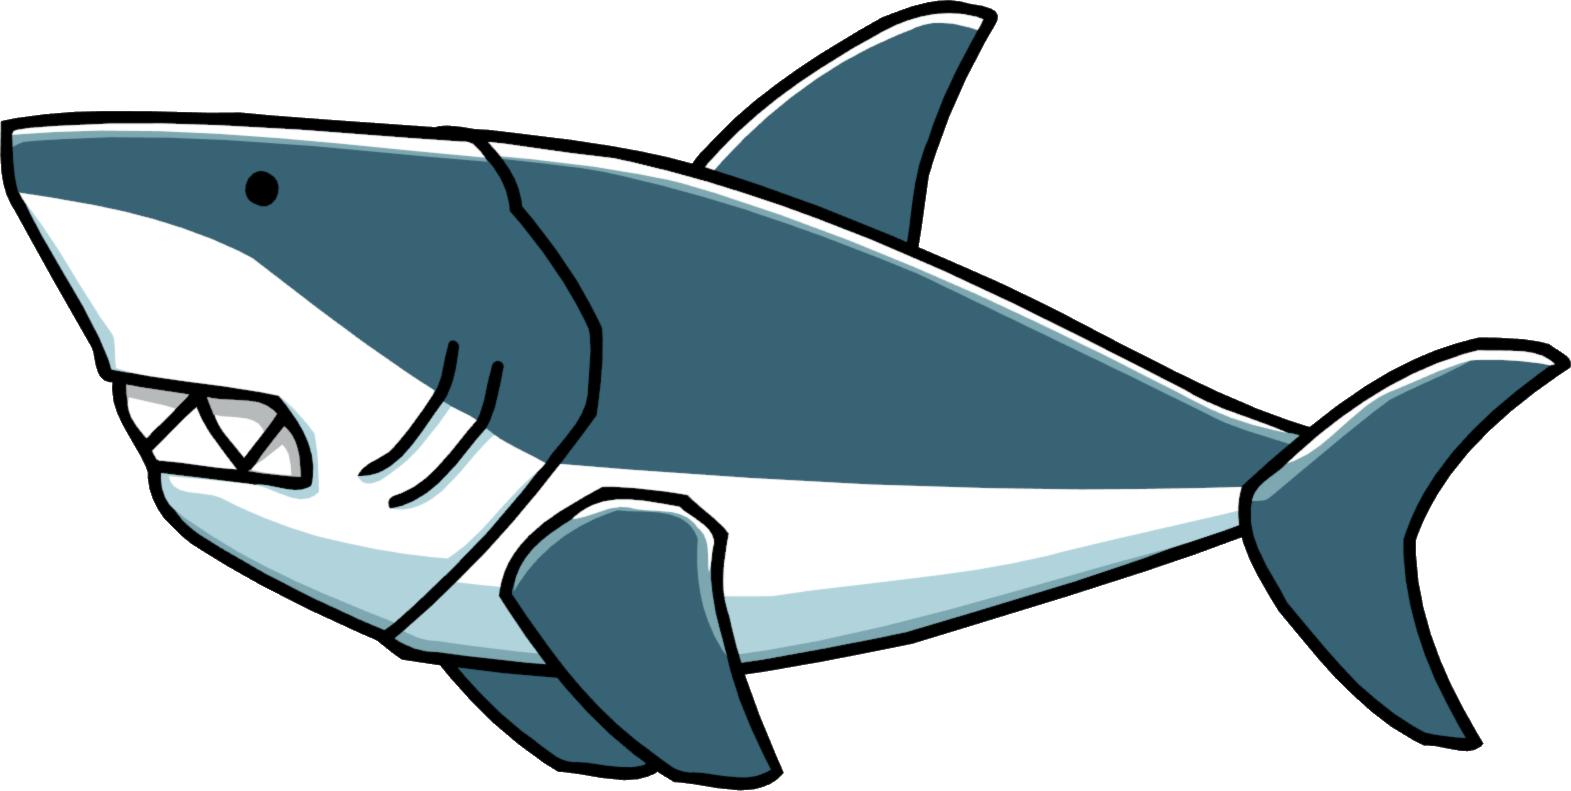 1571x791 Whale Clip Art Image Black